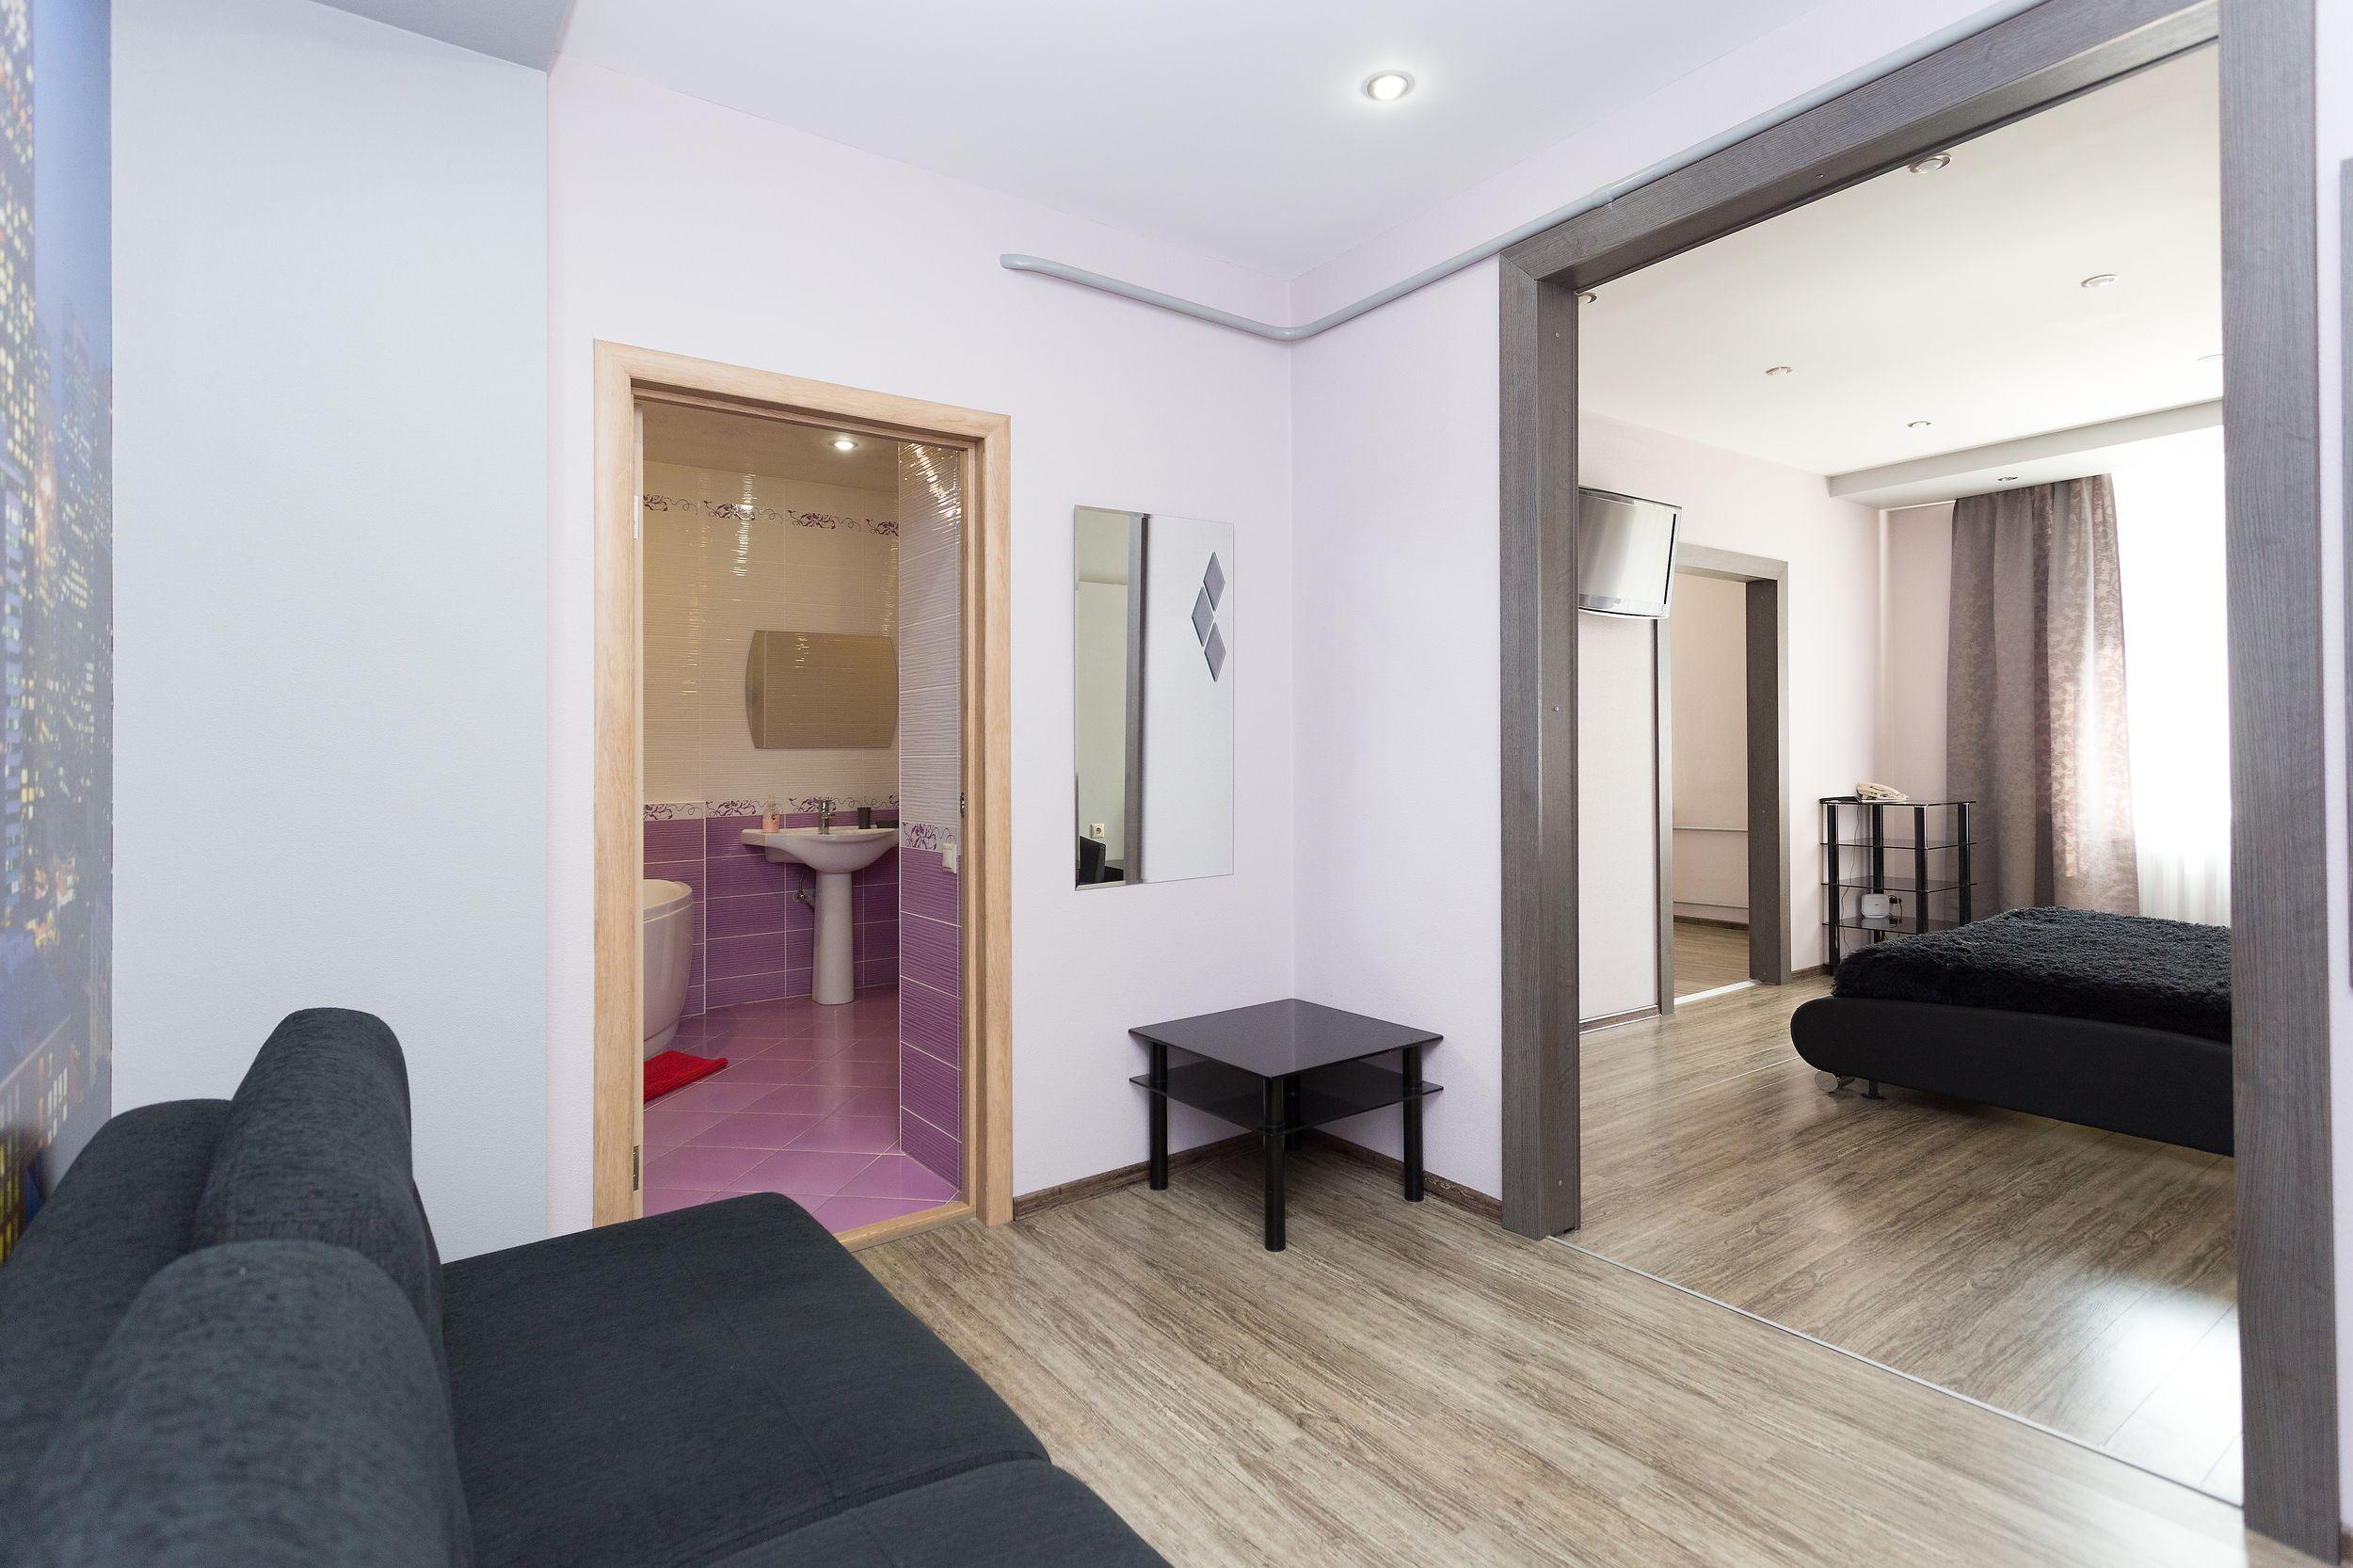 Двухуровневая квартира в санкт петербурге фото перемешает